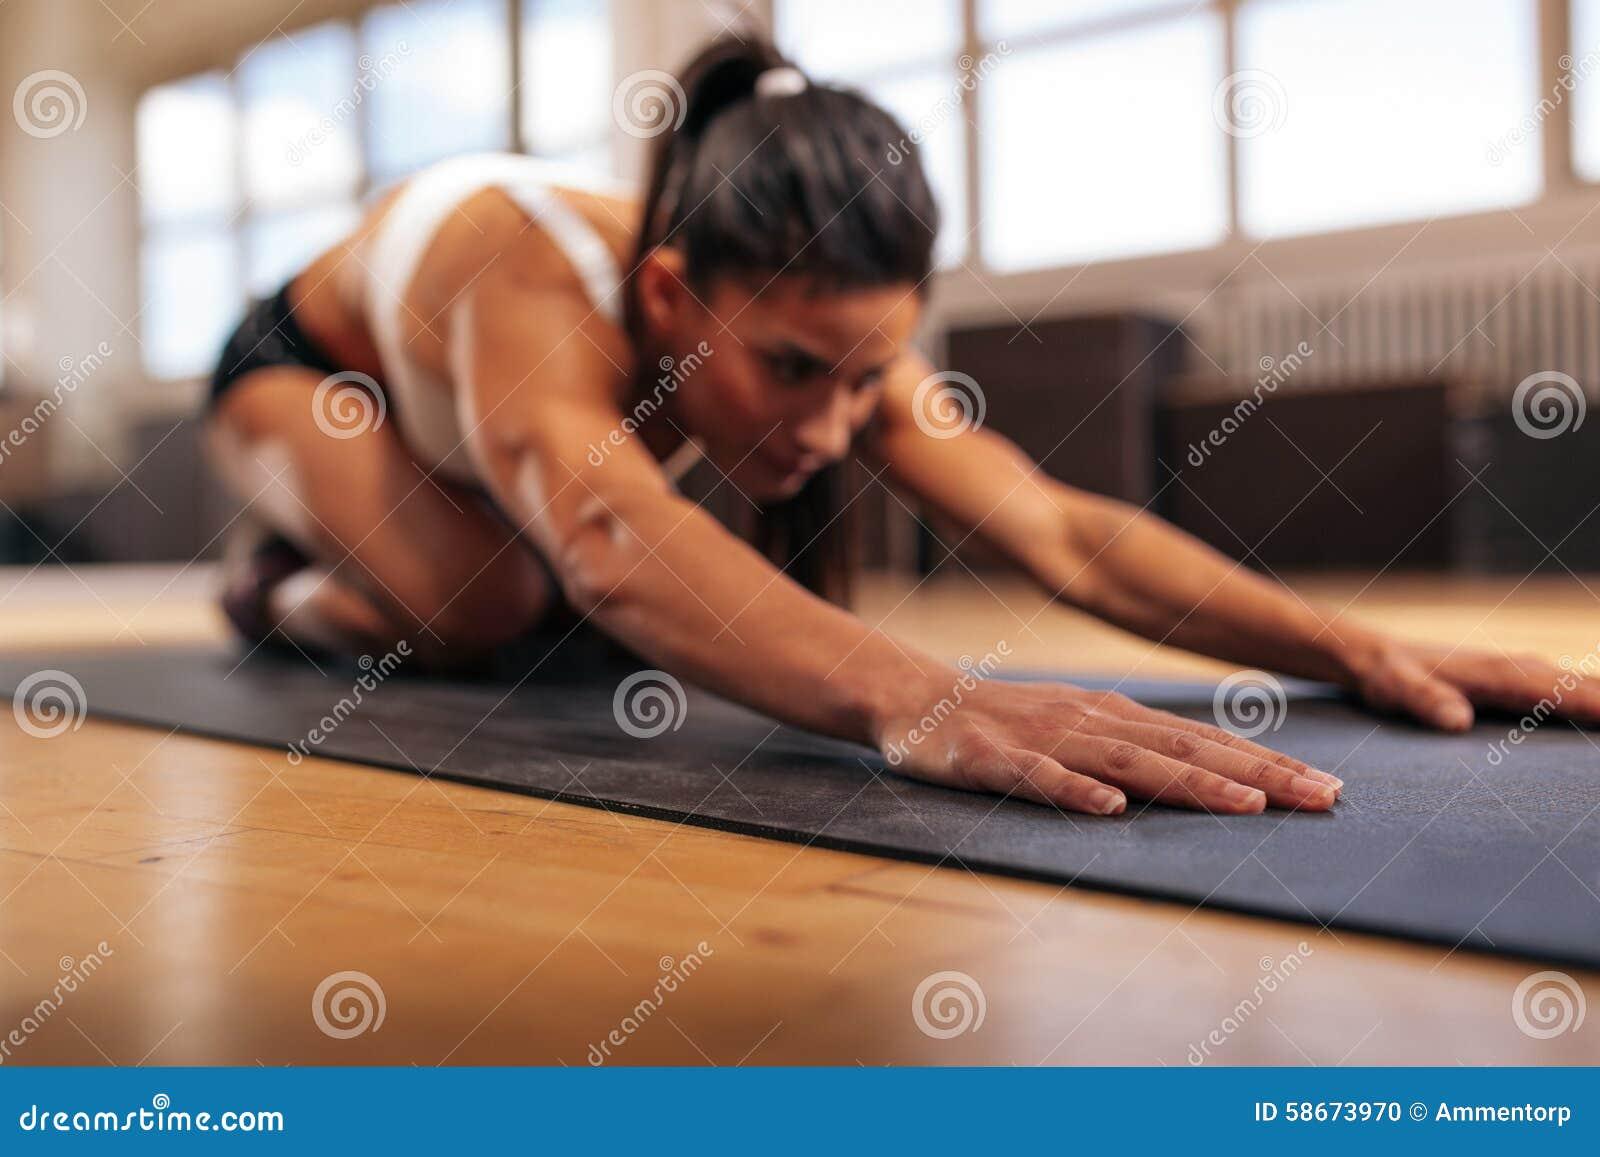 Kvinnlig som utför yoga på övningen som är matt på idrottshallen